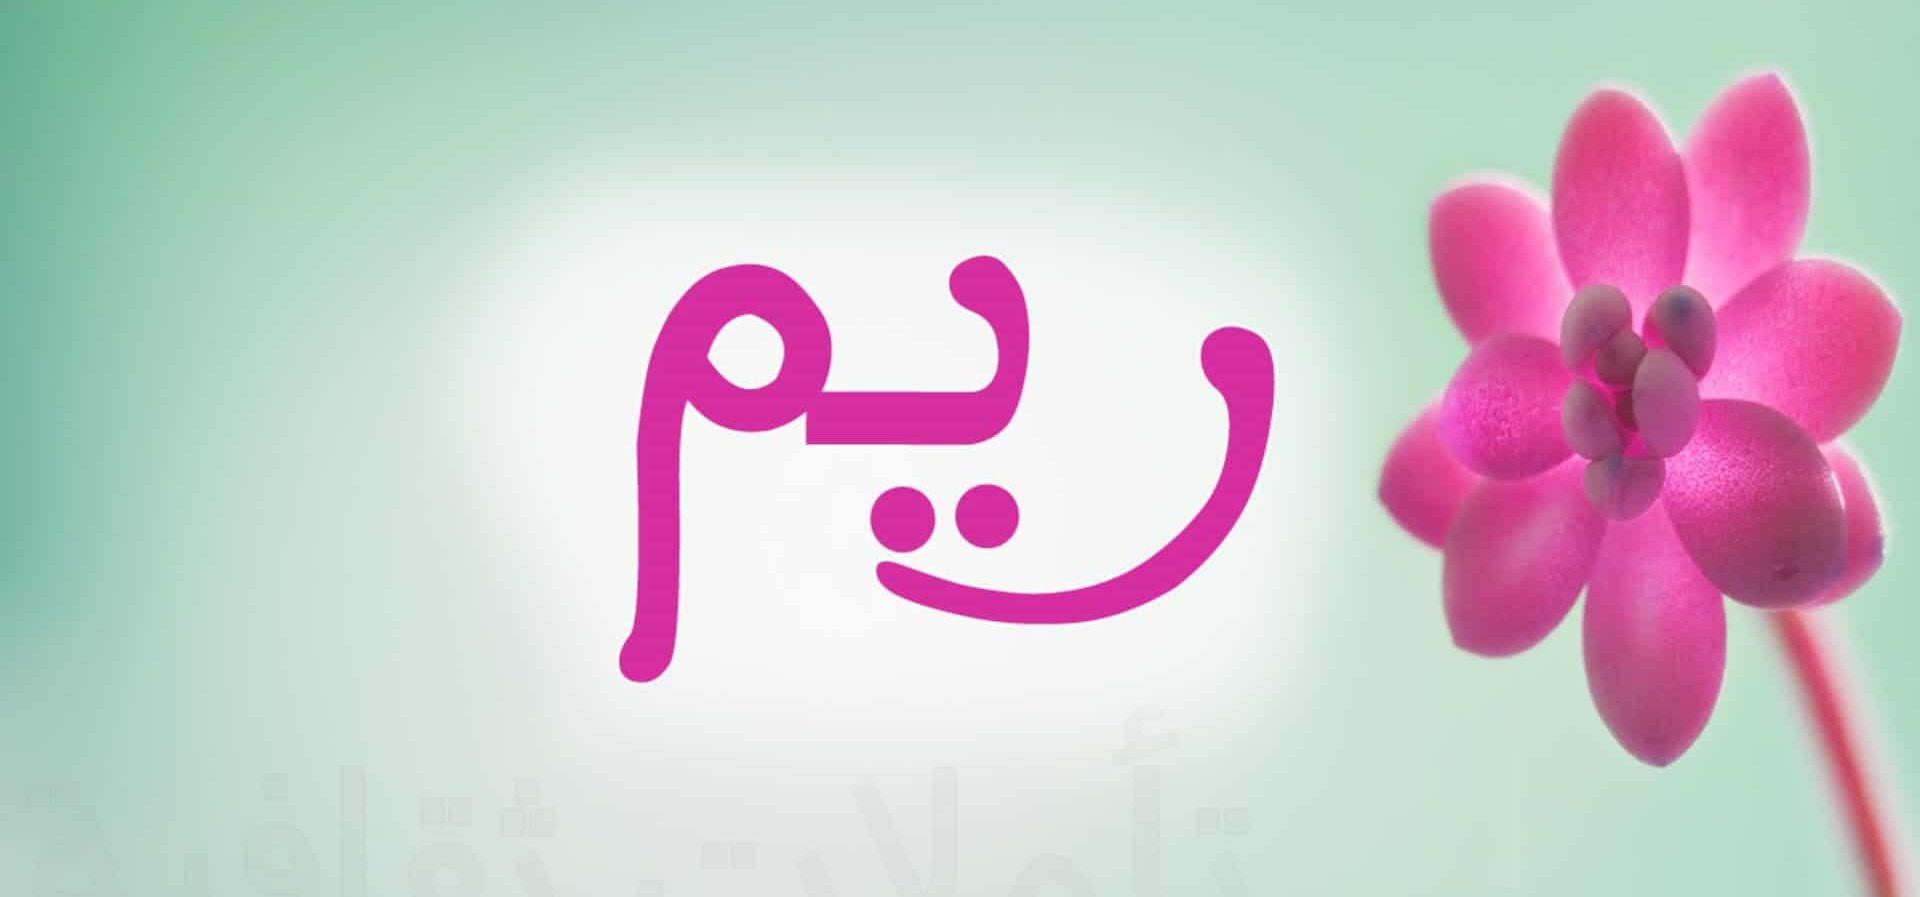 أسرار عن معنى اسم ريم Reem 0